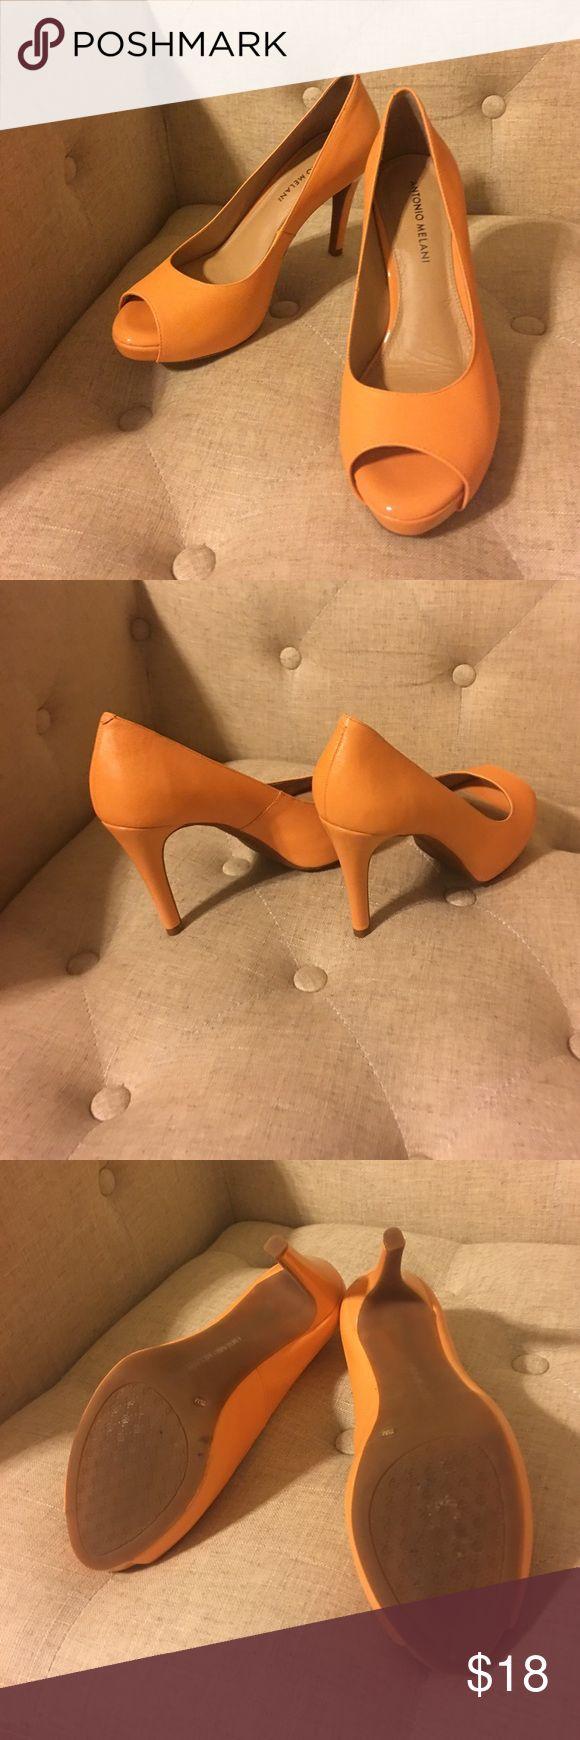 """Antonio Melani Sorbet Orange Pumps 7.5M, Heel 4"""" Antonio Melani Sorbet Orange Pumps 7.5M, Heel 4"""". Wore once. Peep toe. ANTONIO MELANI Shoes Heels"""